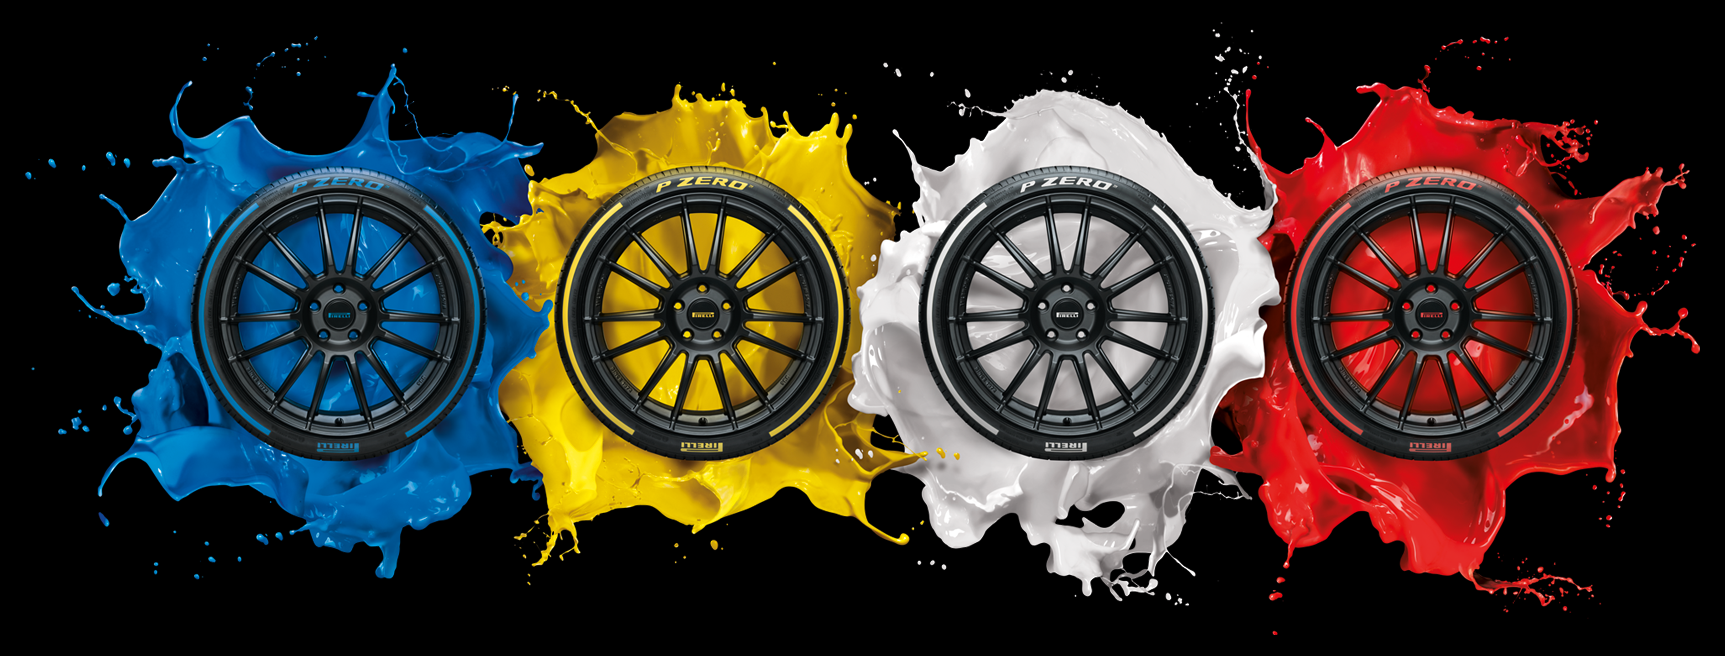 Pirelli Reifen – einer der führenden Reifenhersteller weltweit